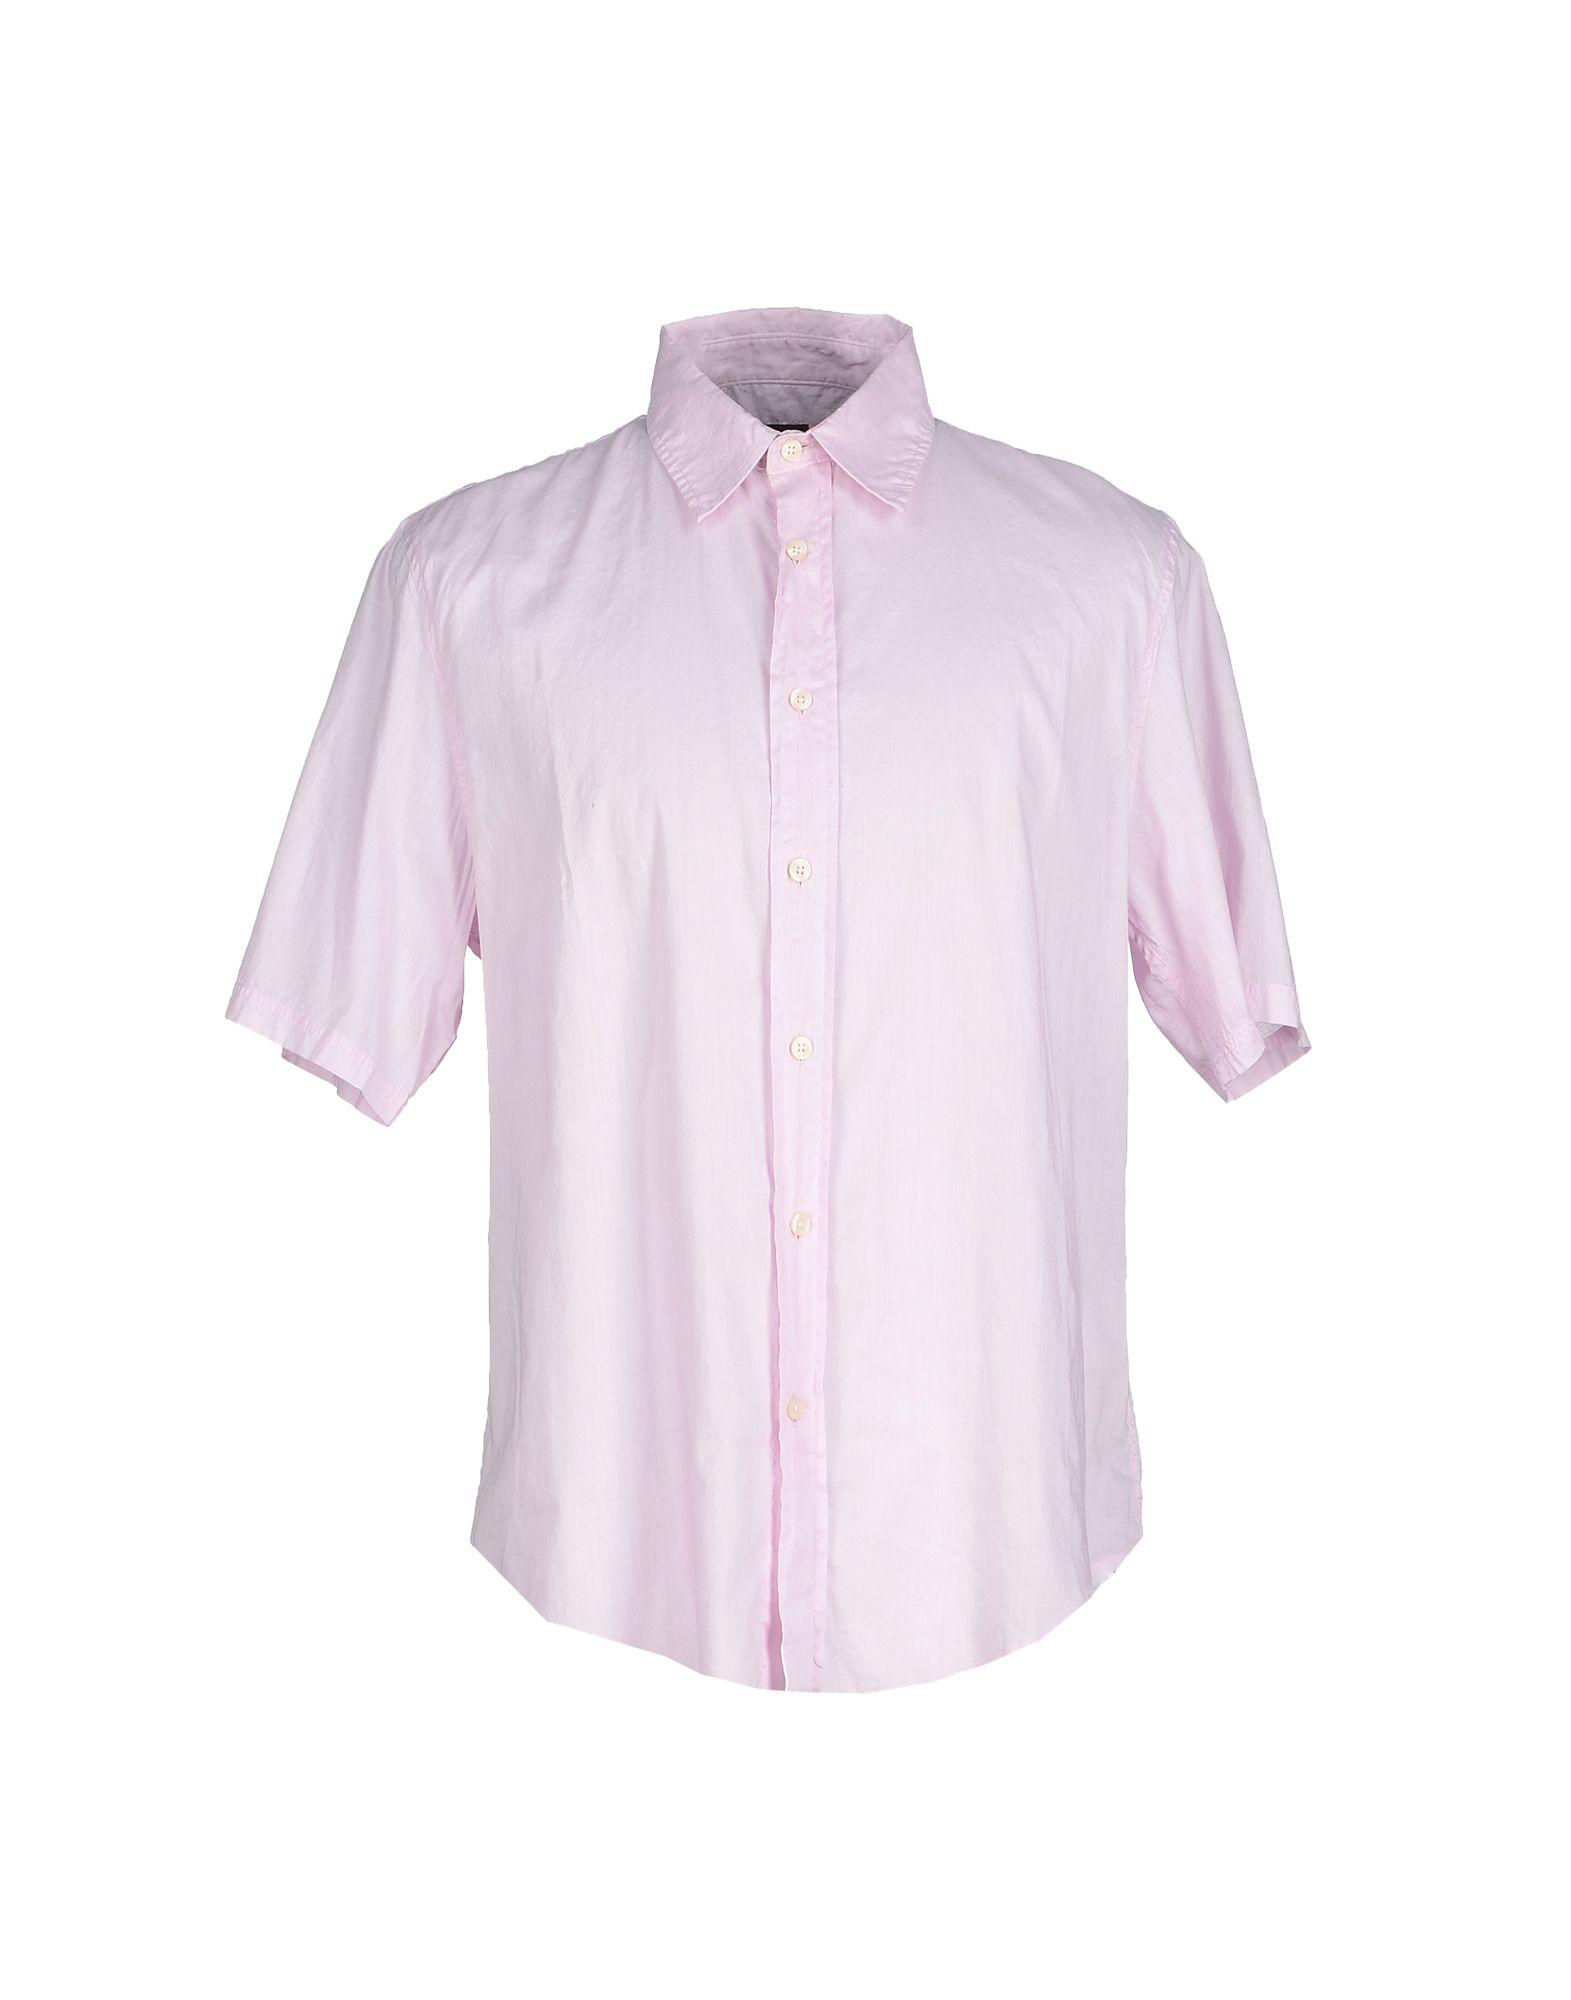 calvin klein jeans shirt in pink for men lyst. Black Bedroom Furniture Sets. Home Design Ideas